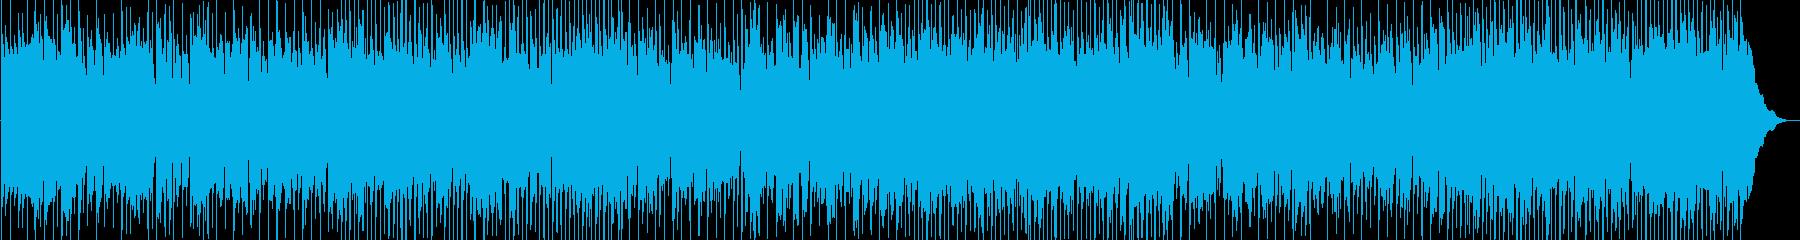 軽快なカントリーロックBGMの再生済みの波形